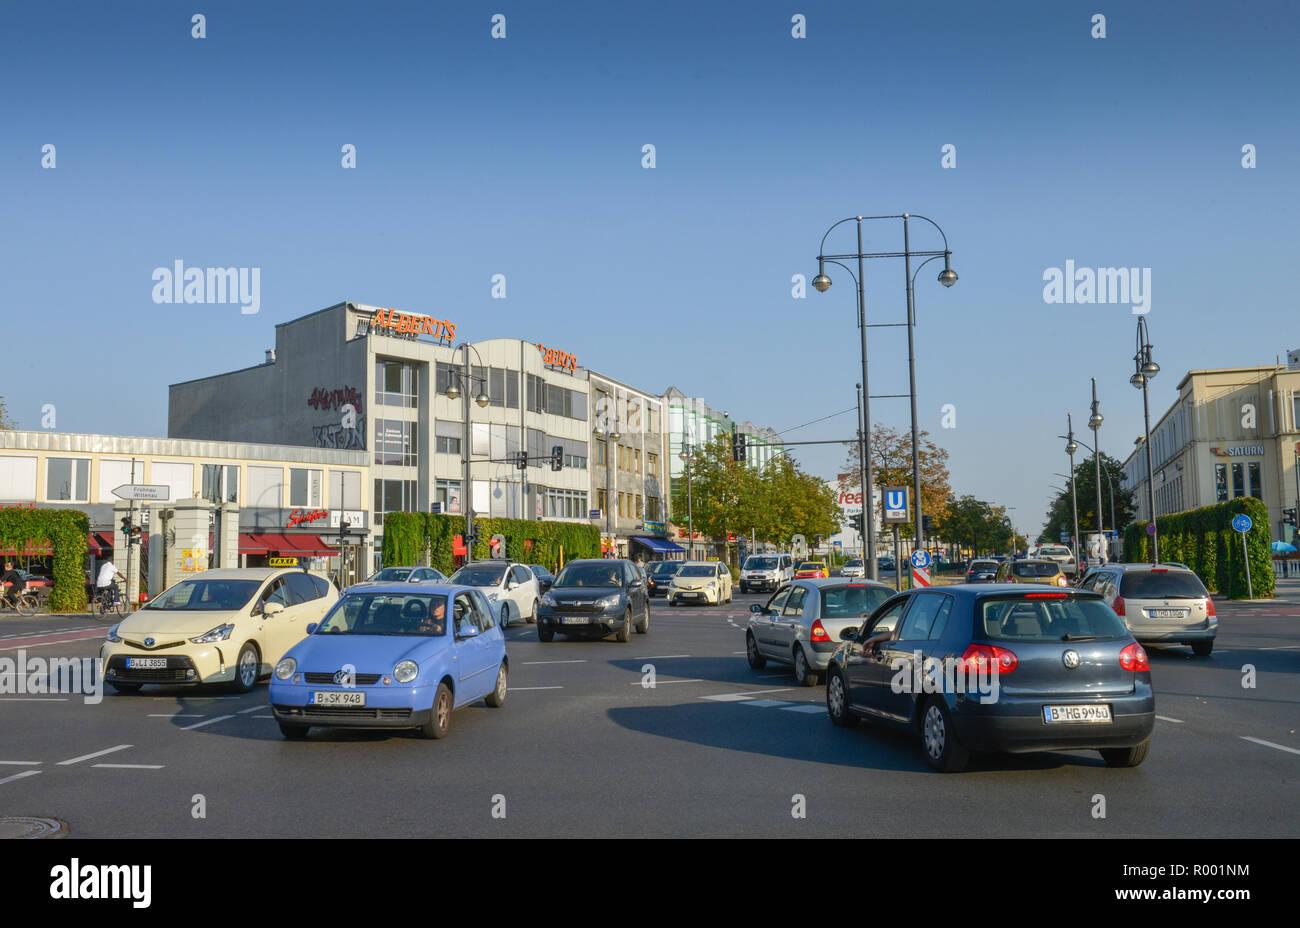 La circulación de vehículos automotores, Kurt Schumacher